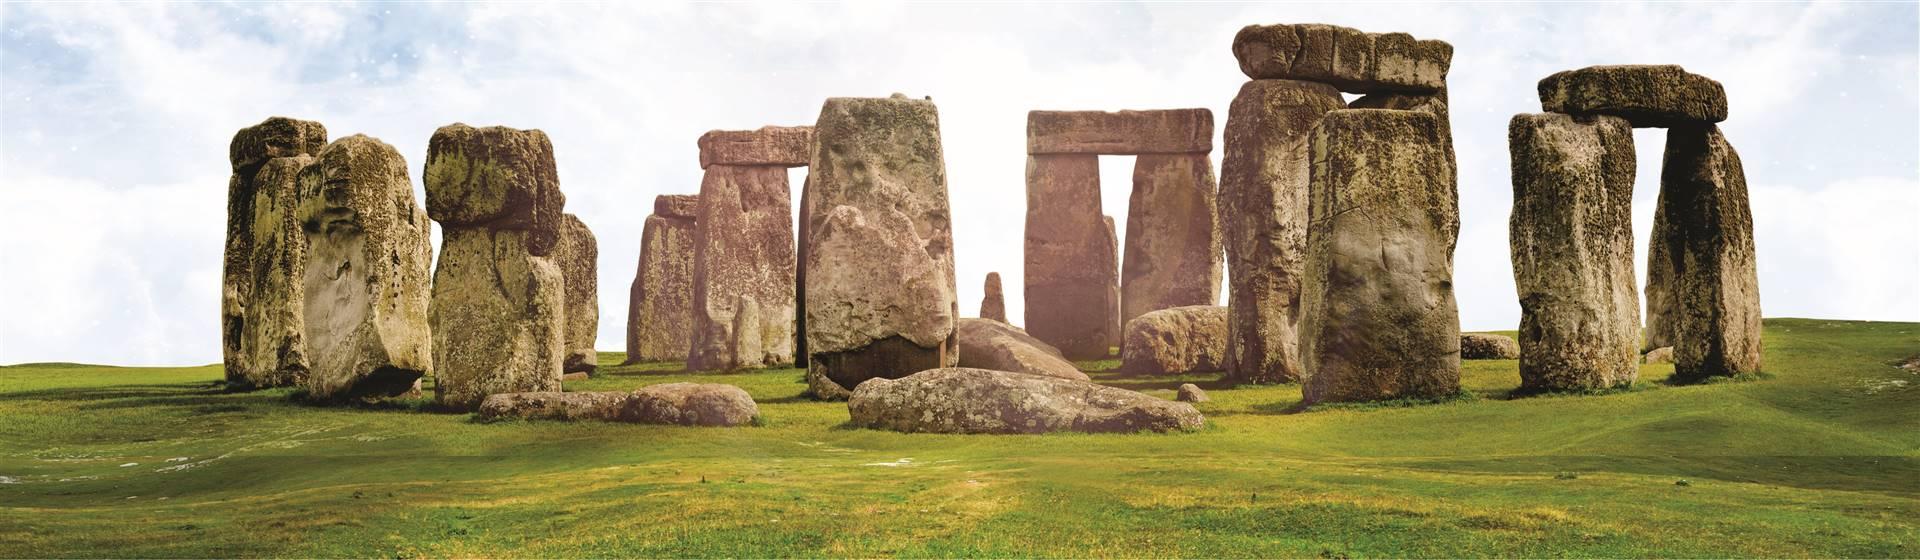 Stonehenge Ft Salisbury